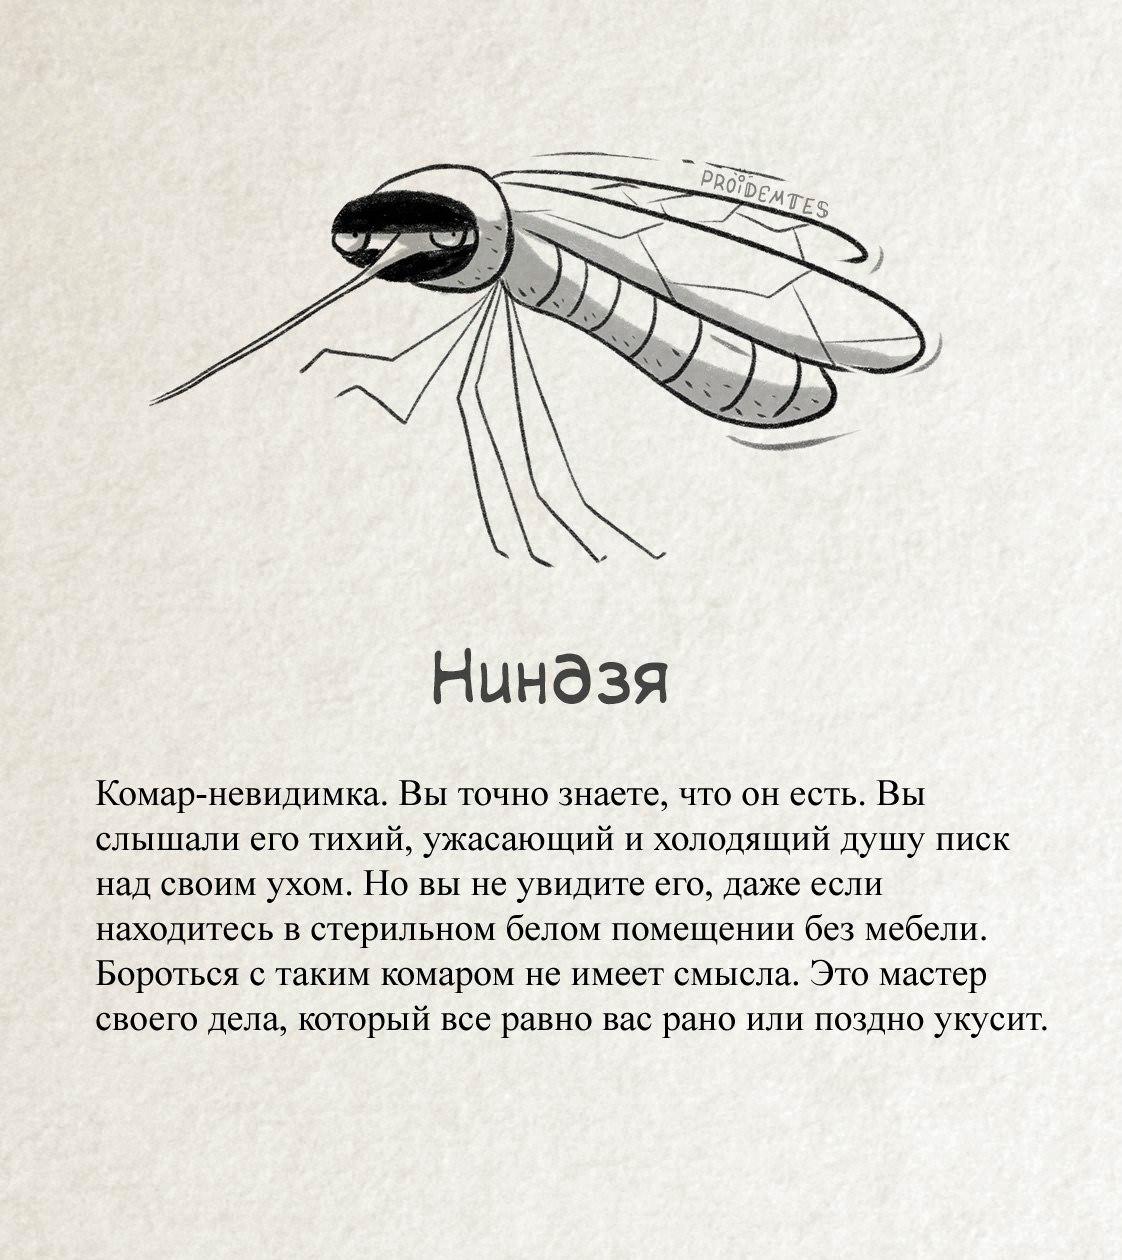 Комар «Ниндзя»